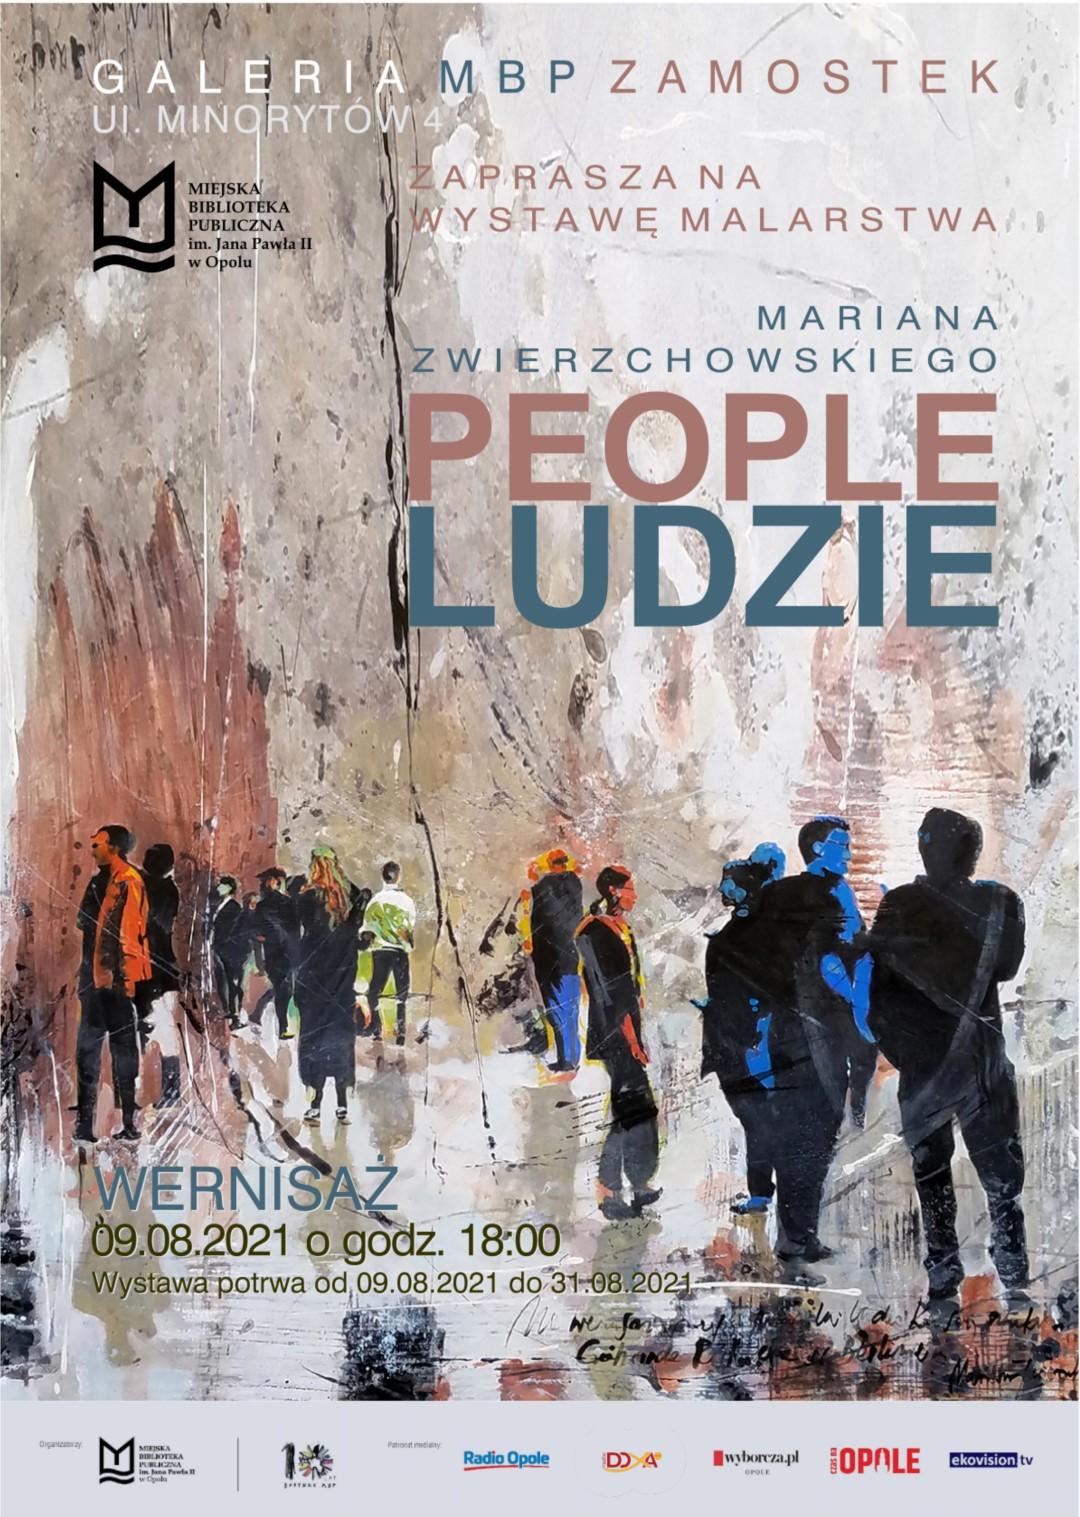 PEOPLE/LUDZIE – wystawa malarstwa Mariana Zwierzchowskiego